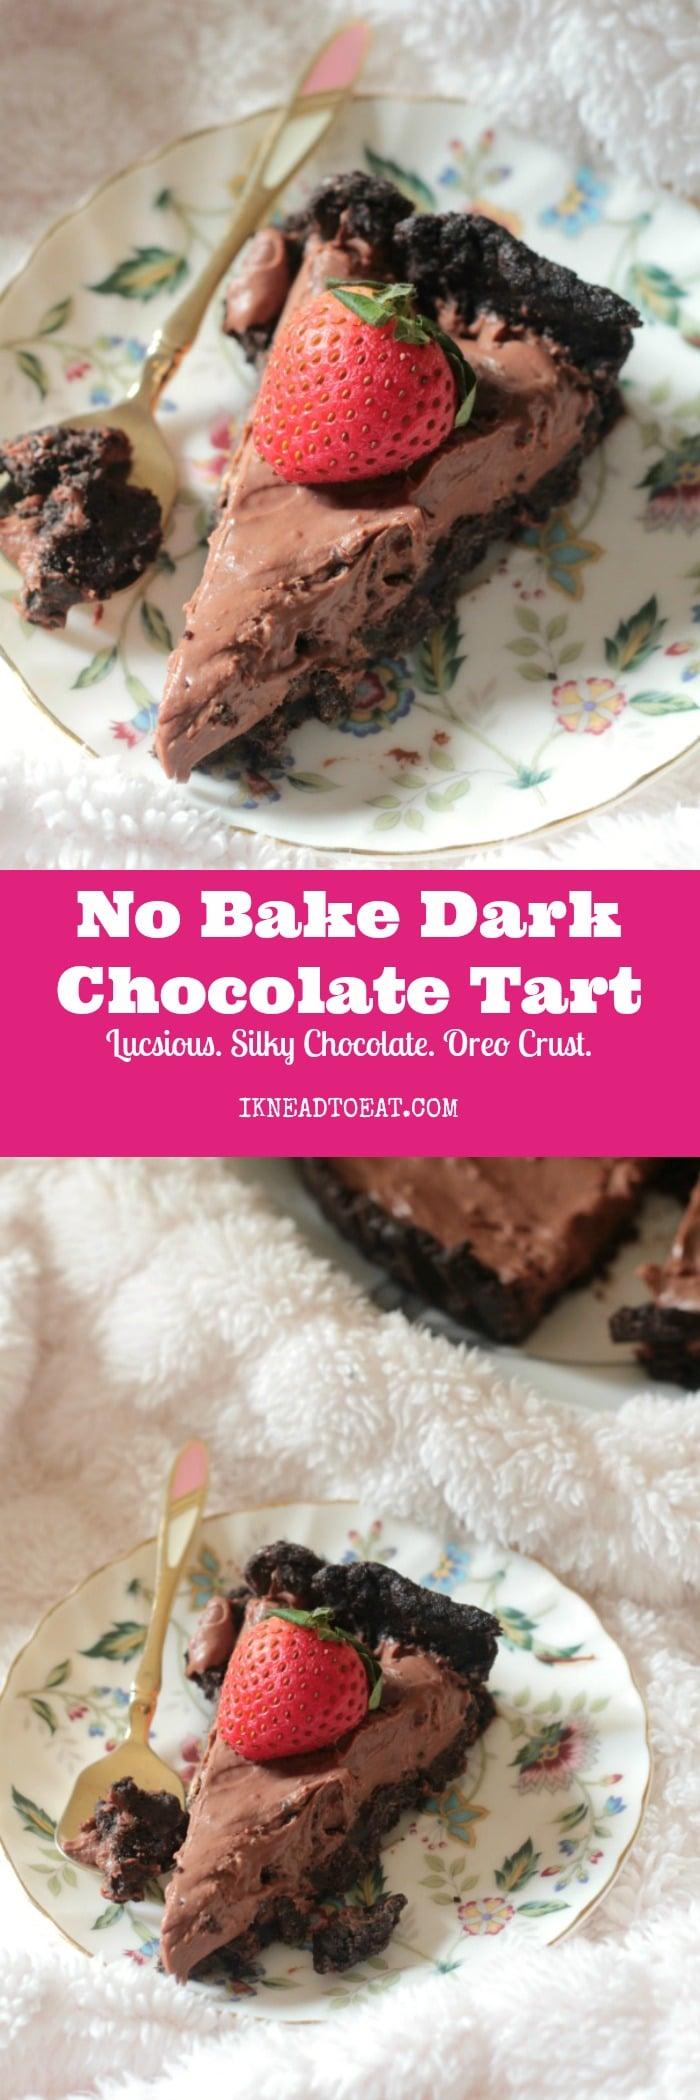 No Bake Dark Chocolate Tart